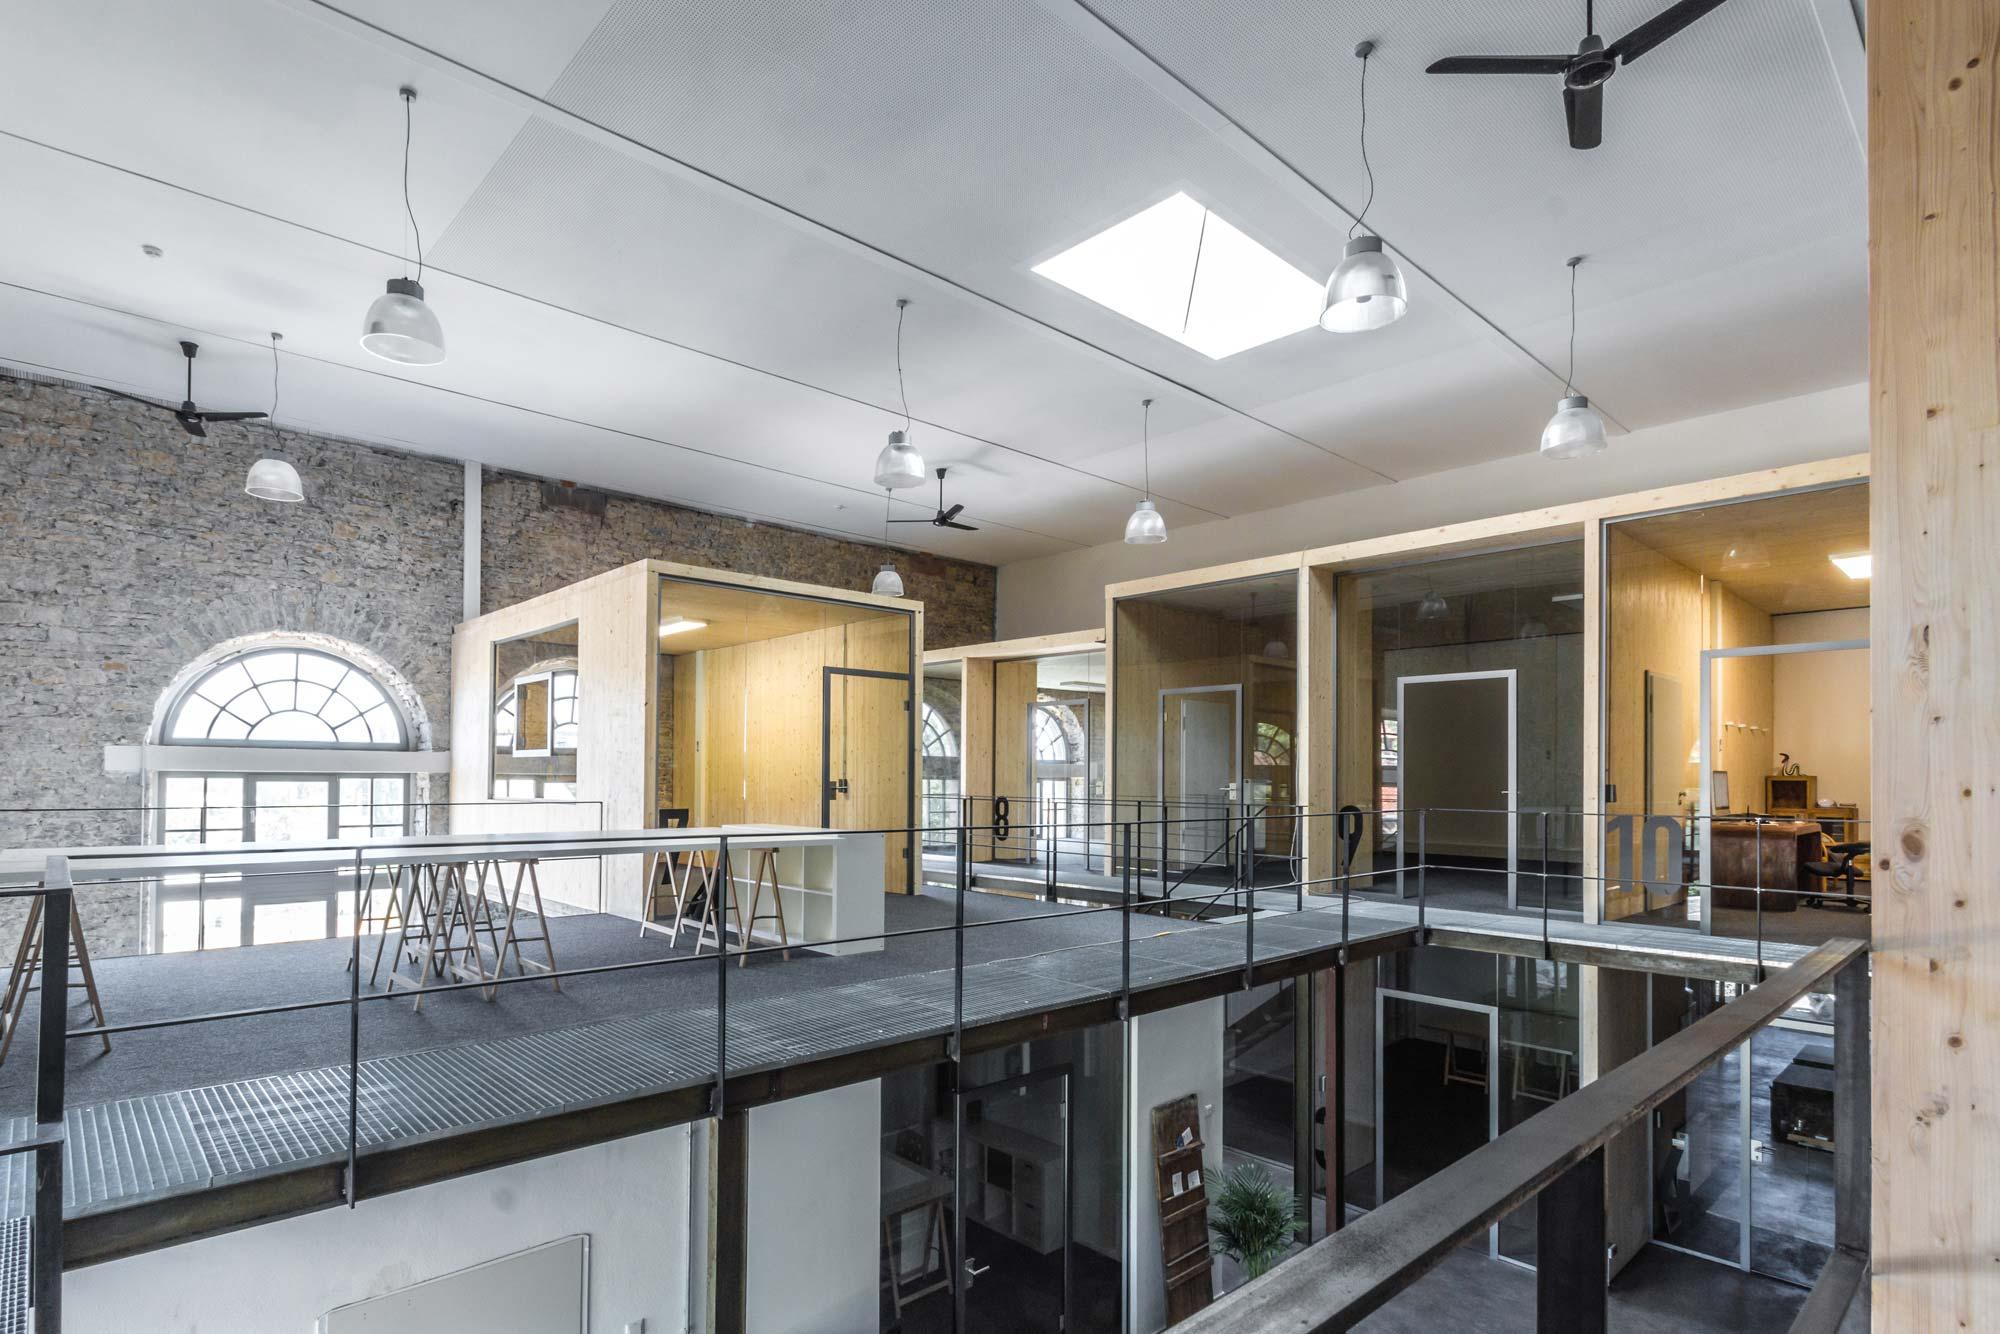 Glasturen Ausfuhrungsvarianten Und Glasaufbau Kuffner Aluzargen